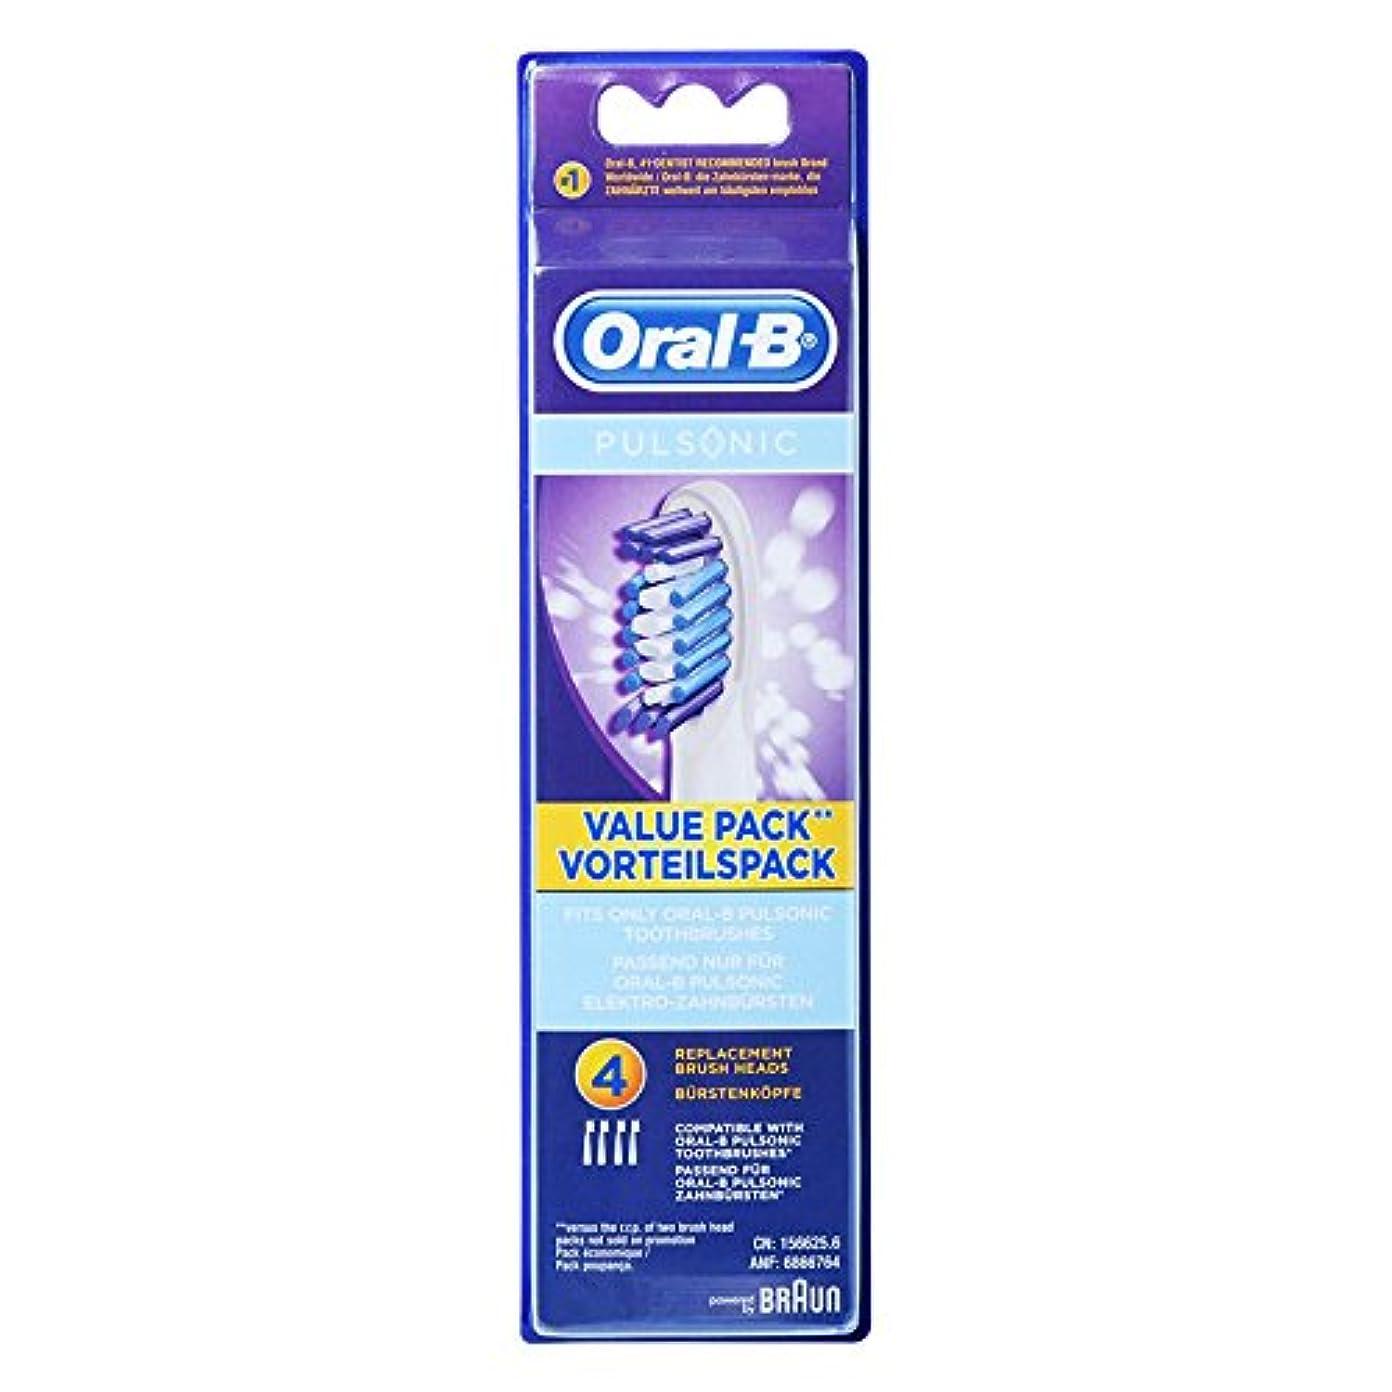 喜んで十分に追い出すBraun Oral-B SR32-4 Pulsonic Value Pack 交換用ブラシヘッド 1Pack [並行輸入品]